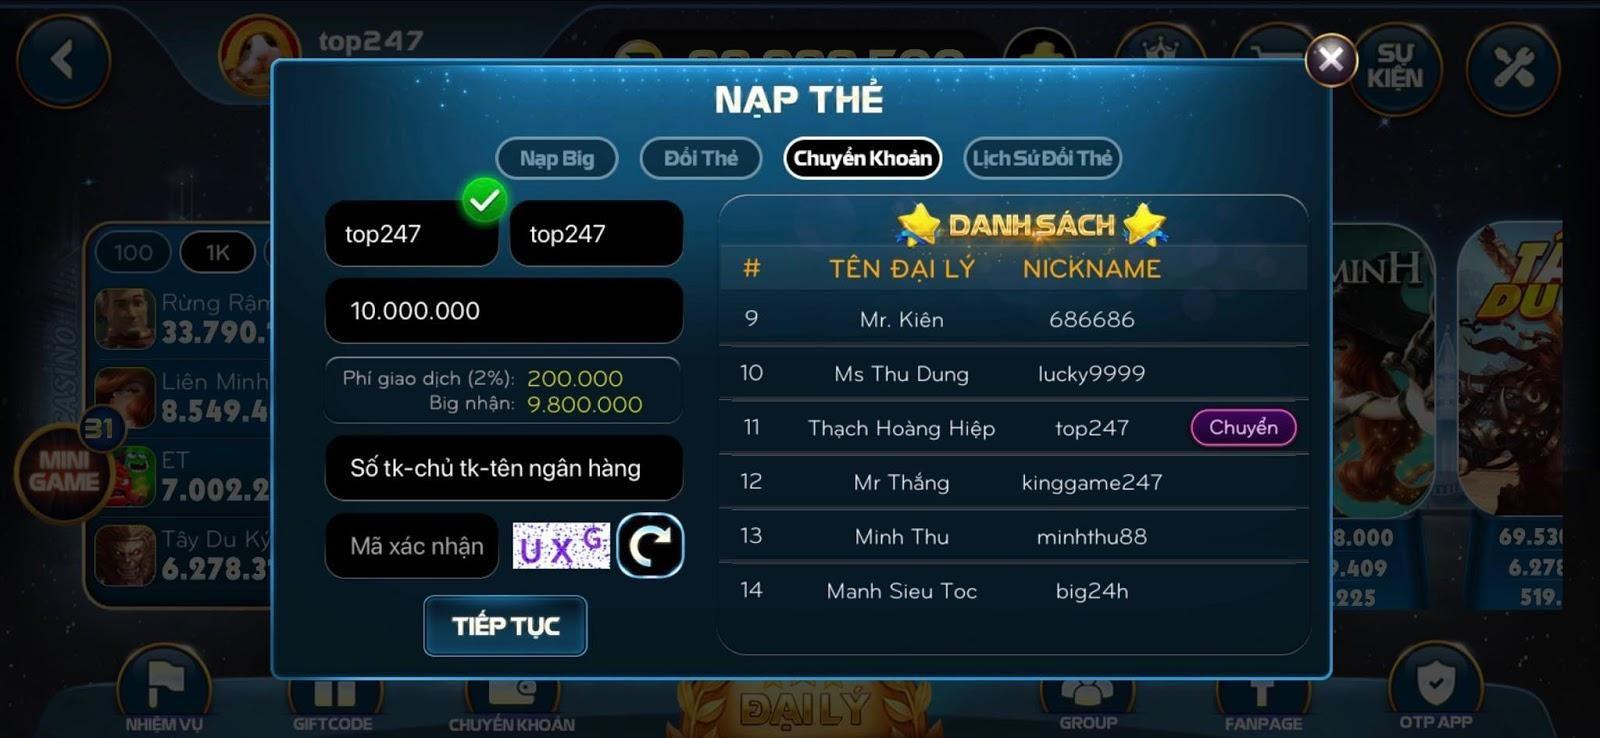 Big79 Cổng game đổi thưởng bắt kịp xu hướng nhất thị trường